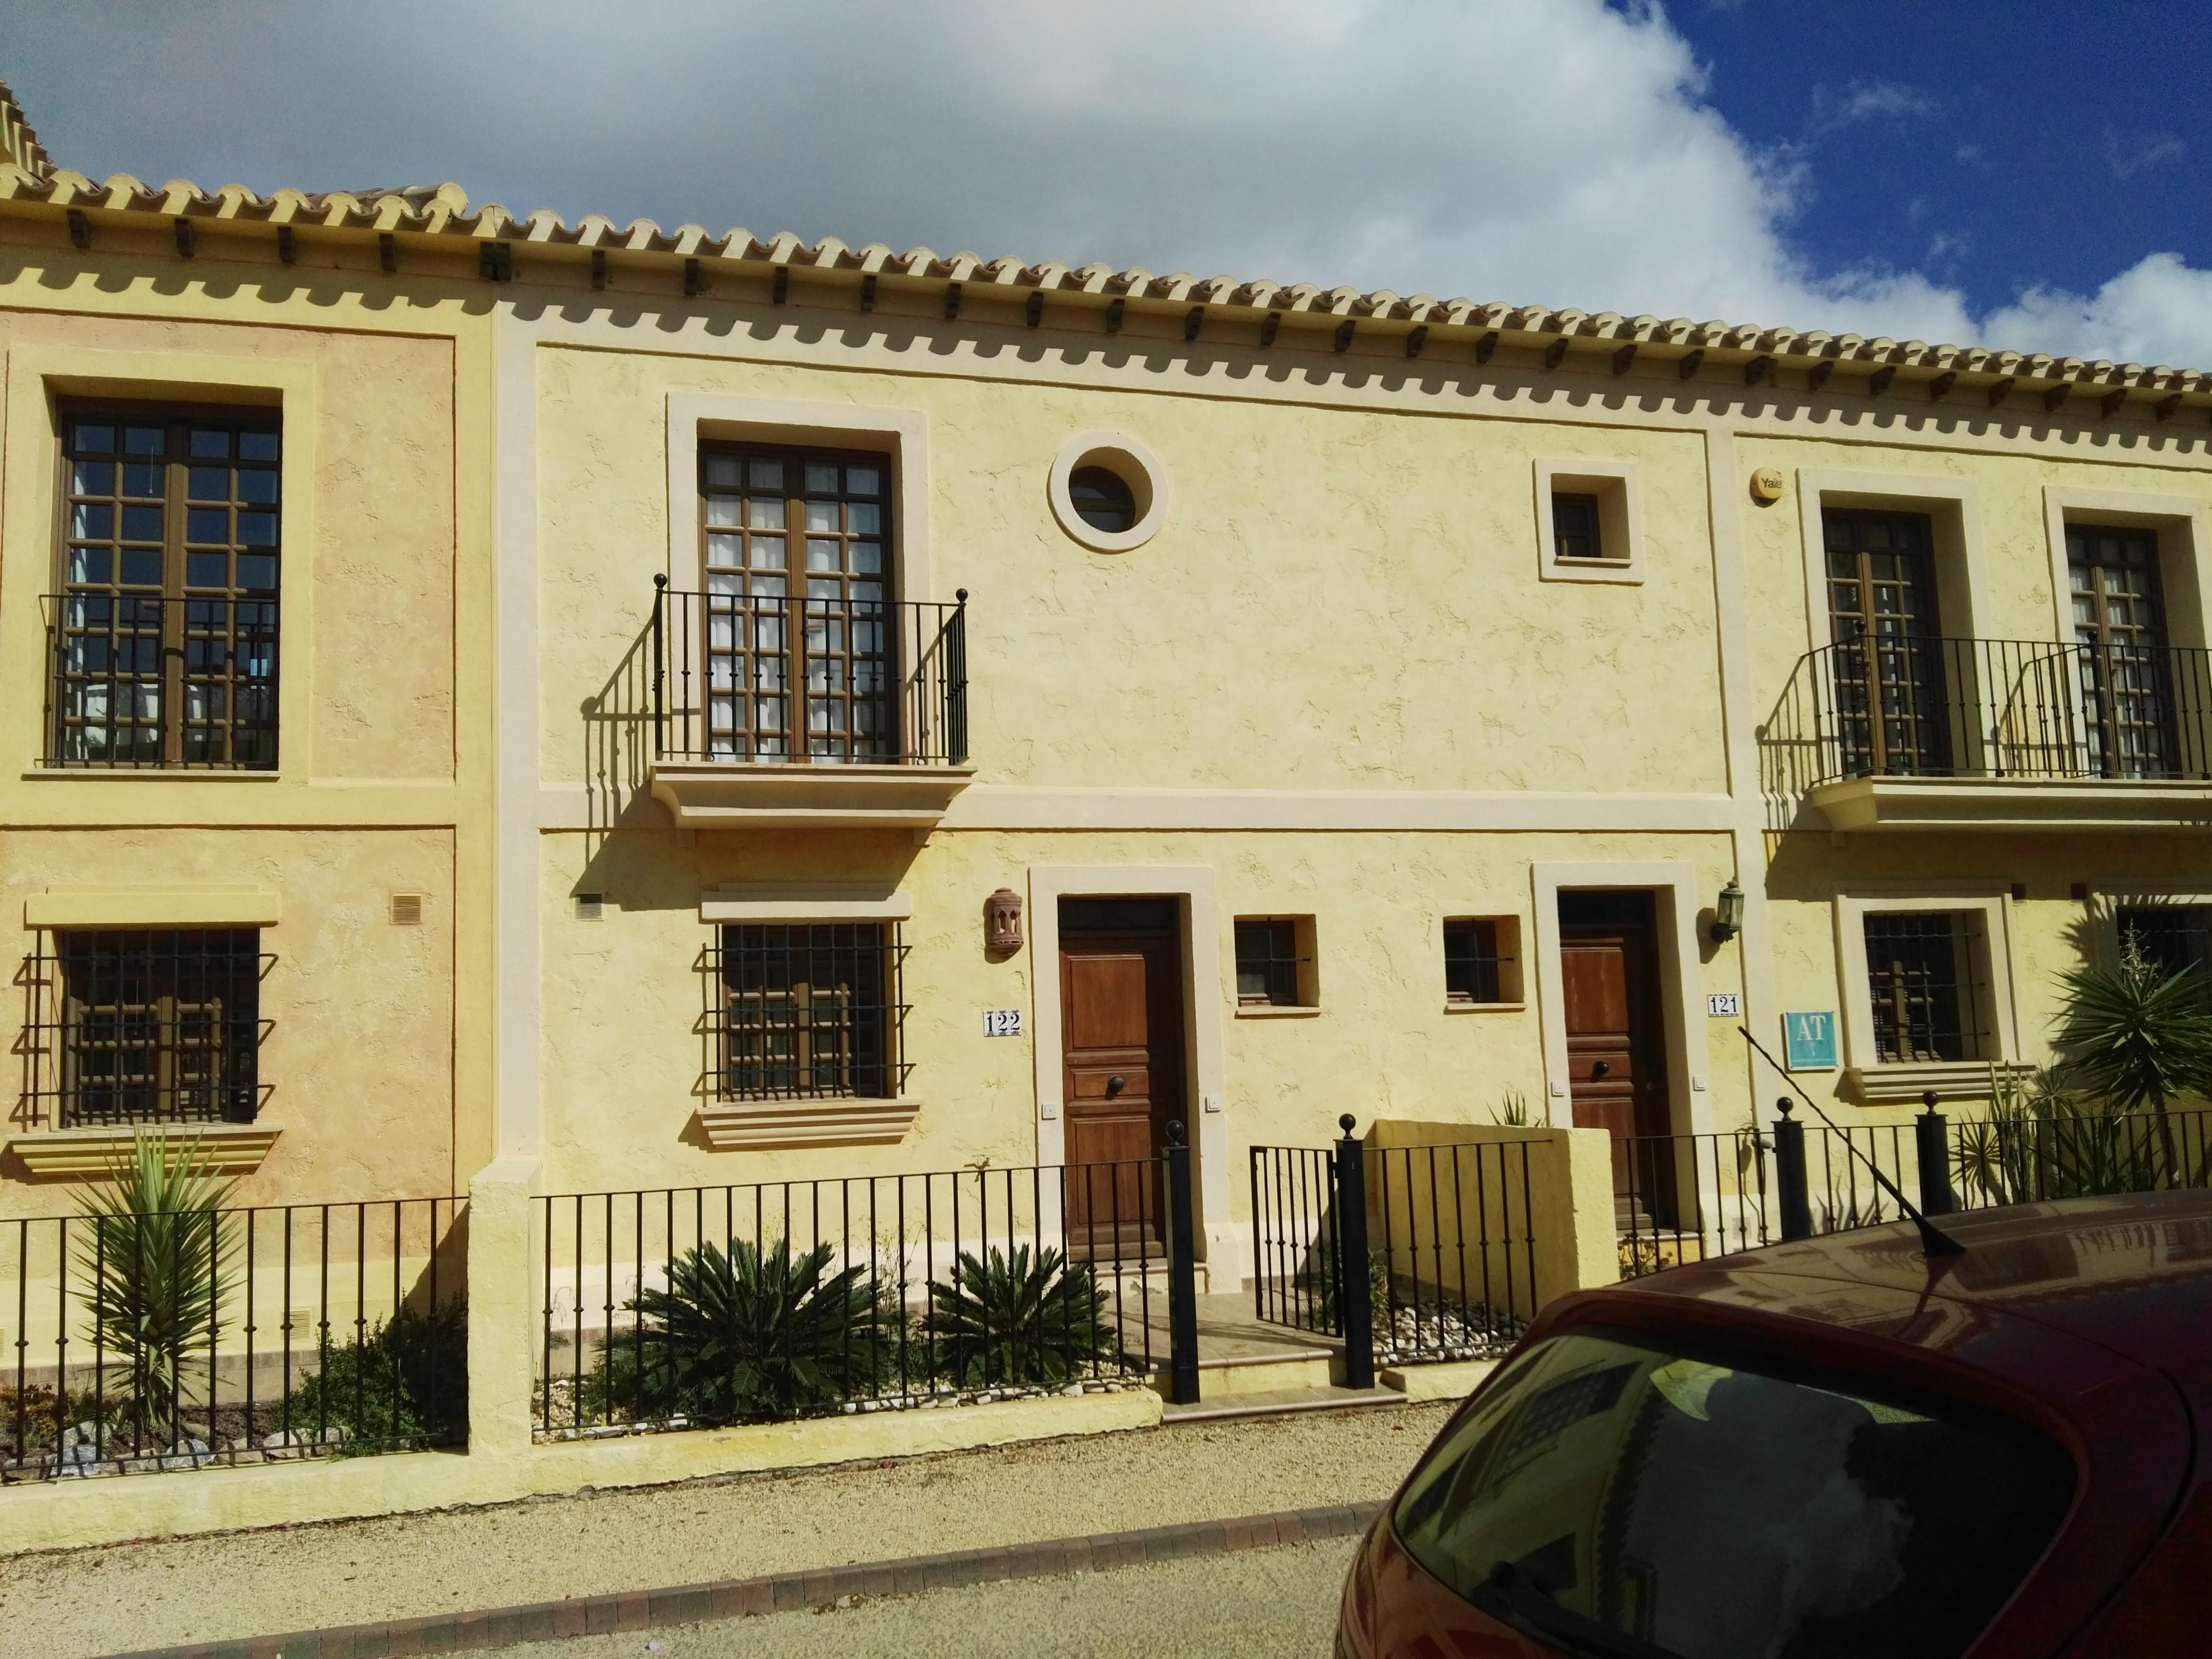 Casa en venta en Almería, Almería, Calle Al-804, 129.000 €, 2 habitaciones, 2 baños, 90 m2